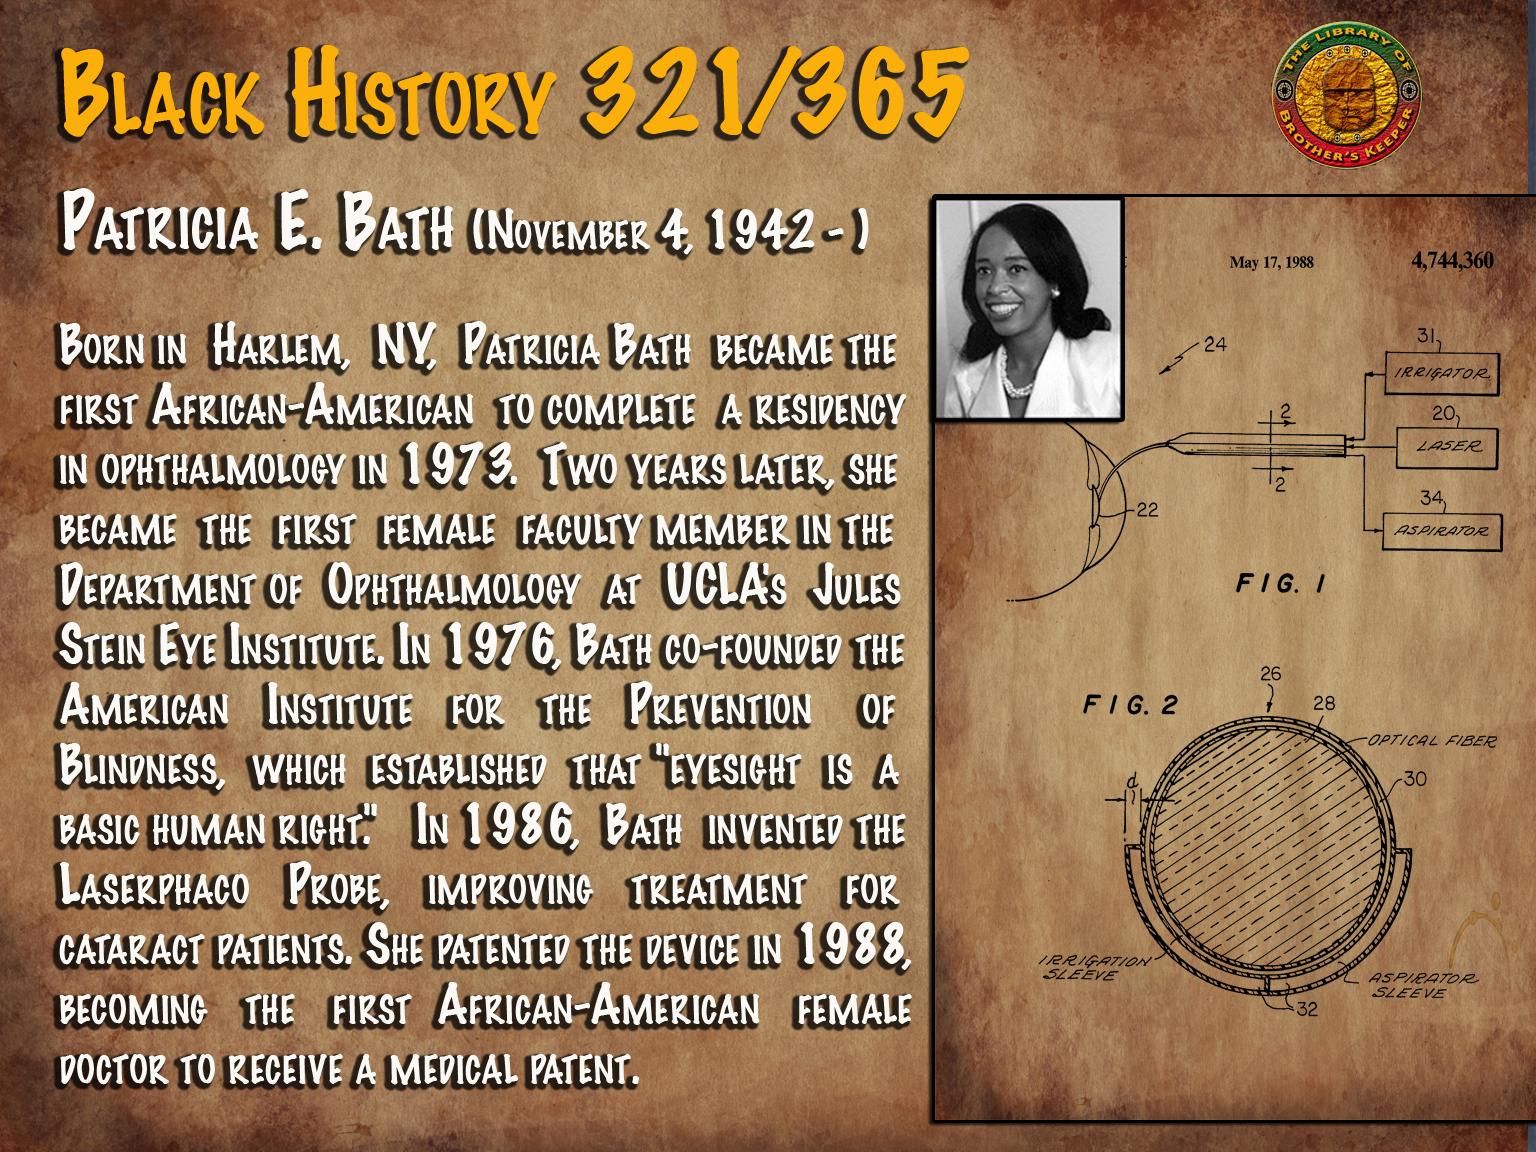 Patricia E. Bath